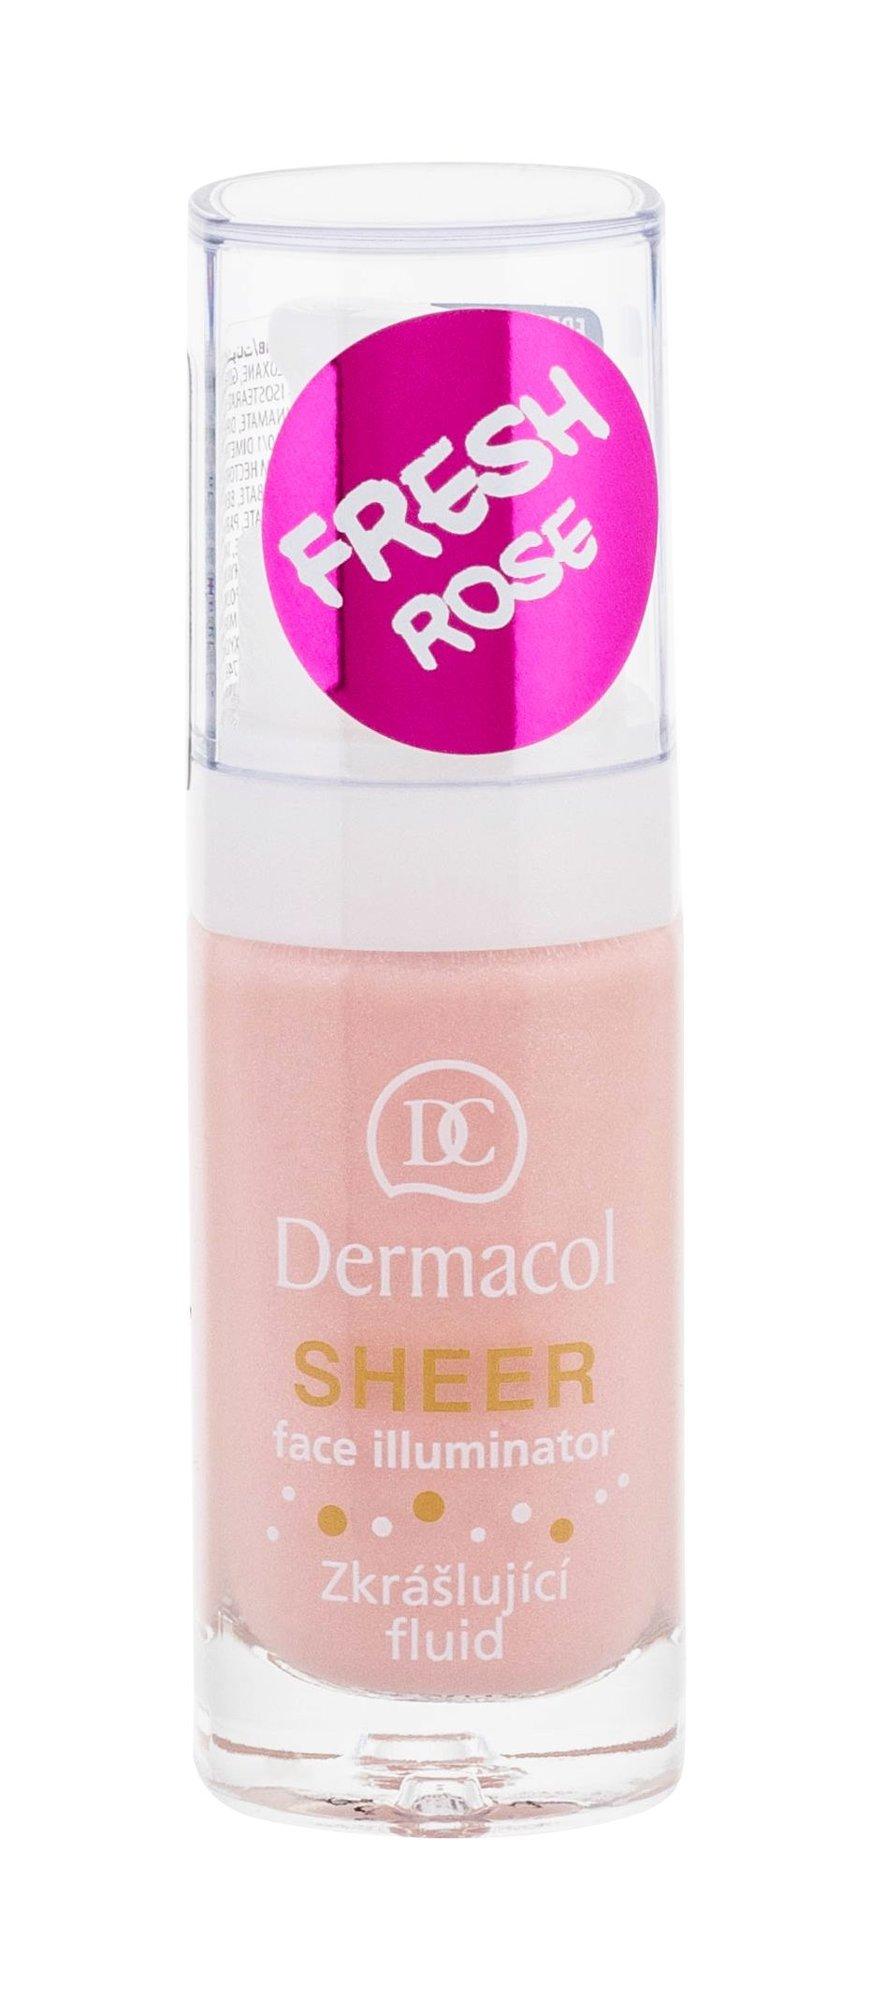 Dermacol Sheer Cosmetic 15ml fresh rose